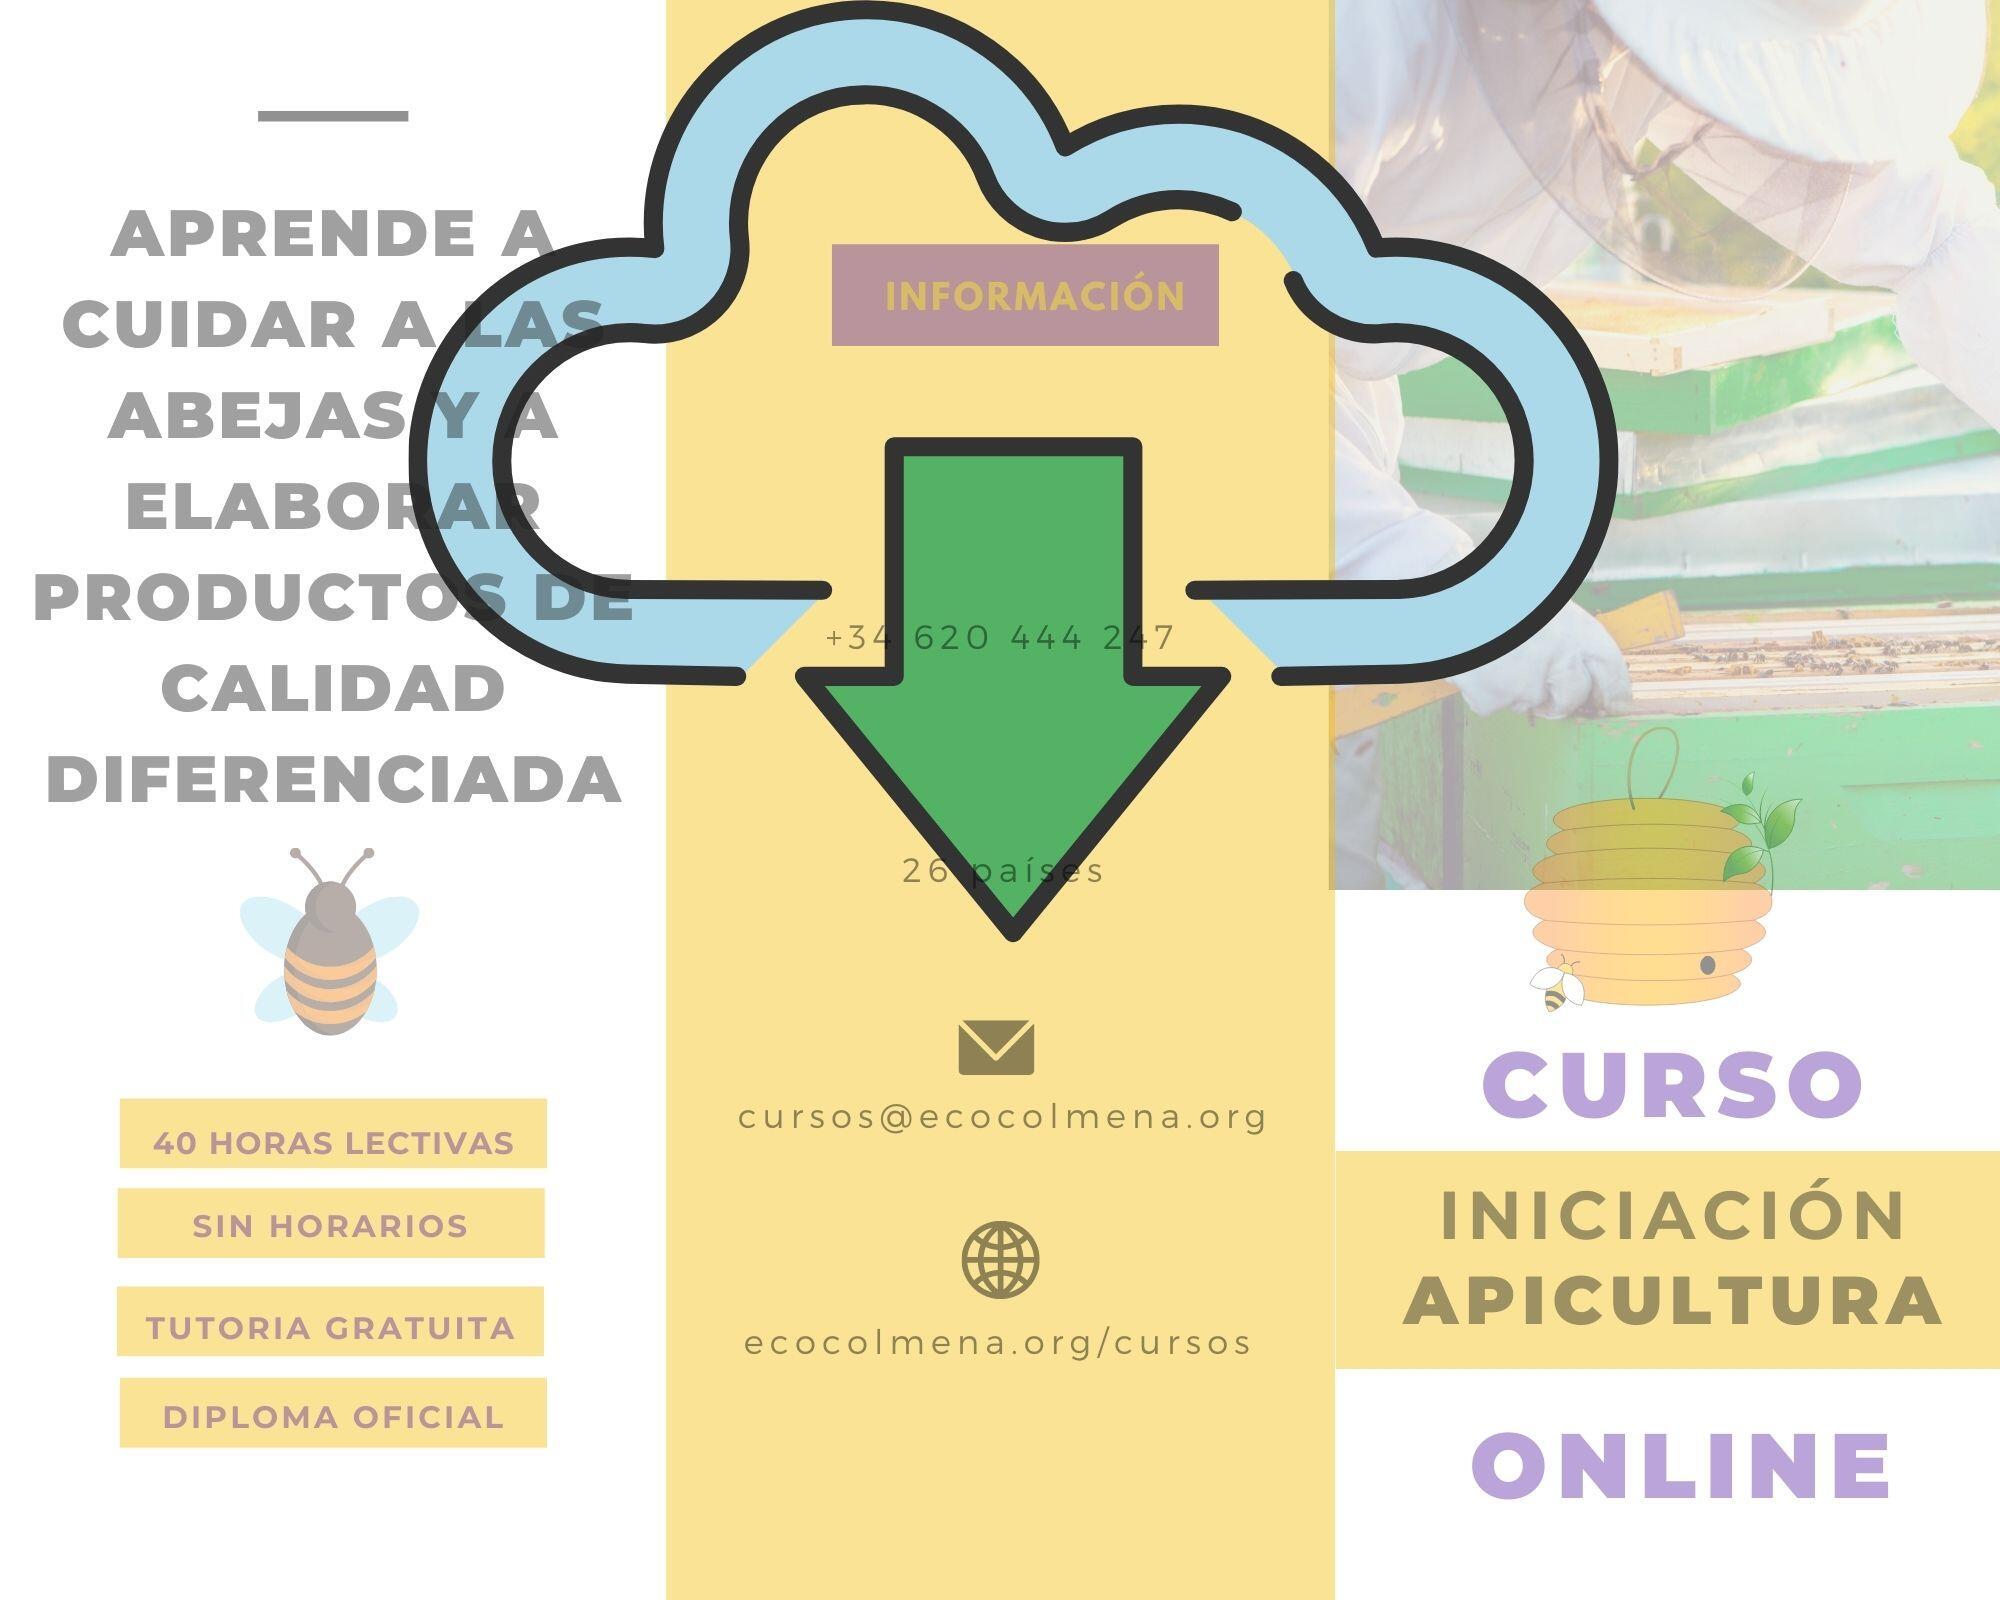 Descargar folleto Curso online iniciación de apicultura de Ecocolmena